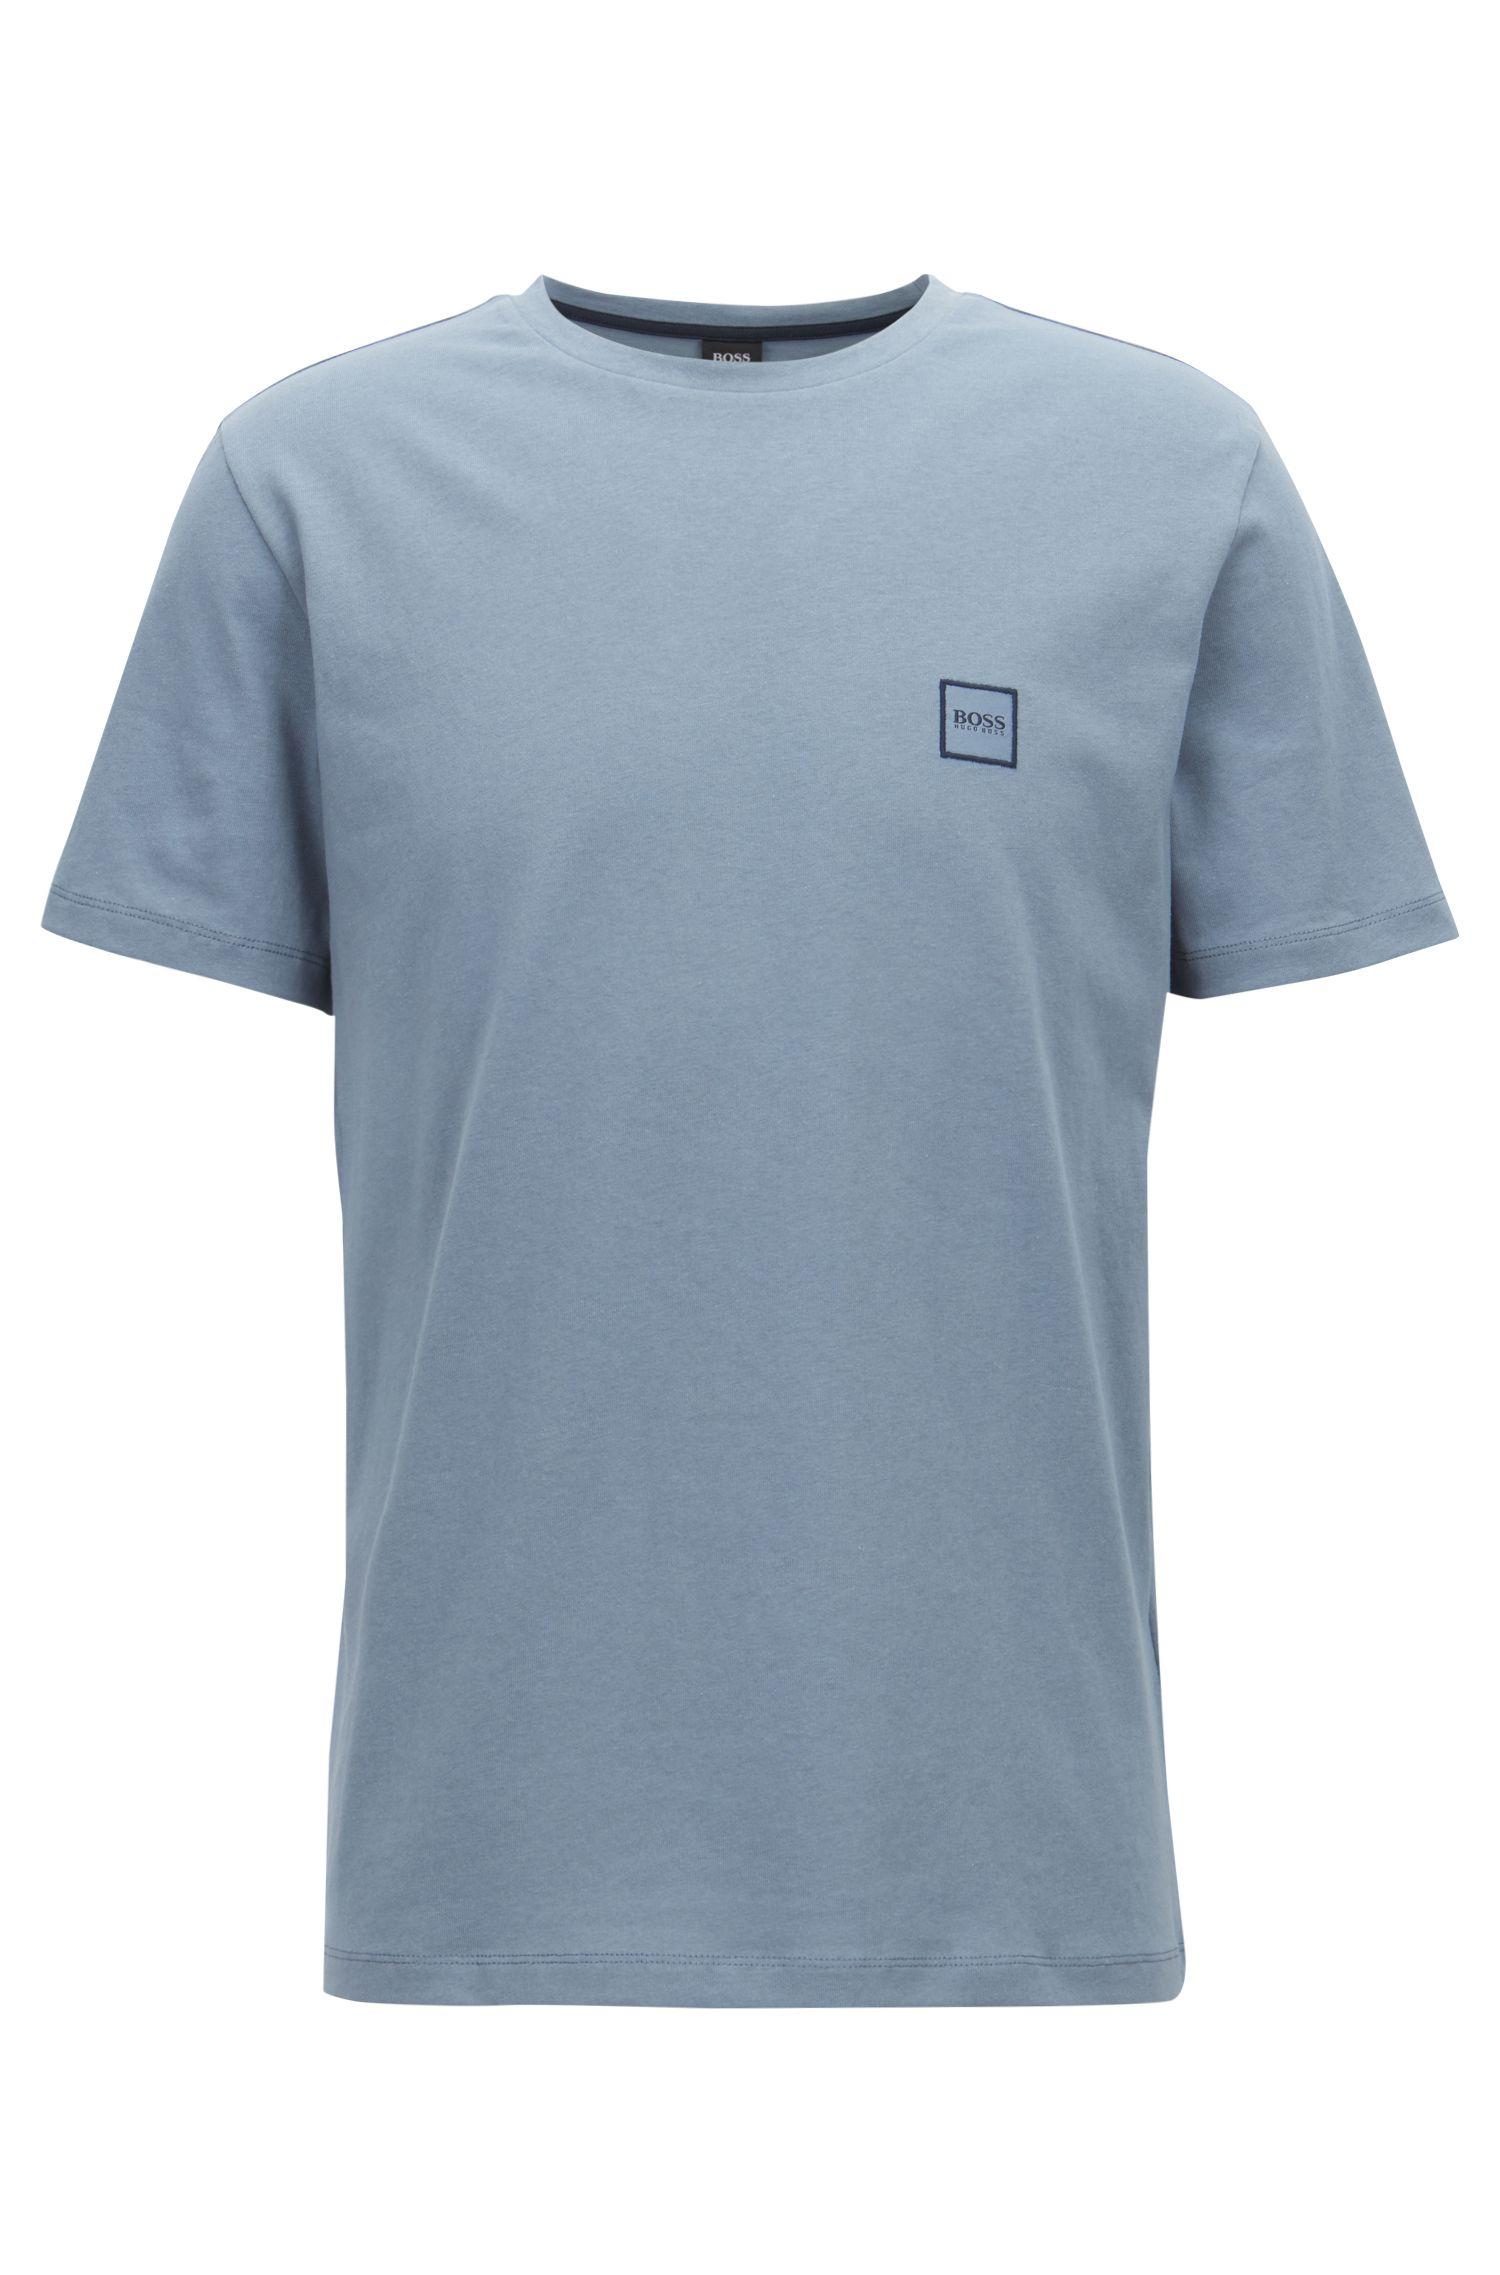 T-Shirt aus Baumwoll-Jersey mit Rundhalsausschnitt, Blau